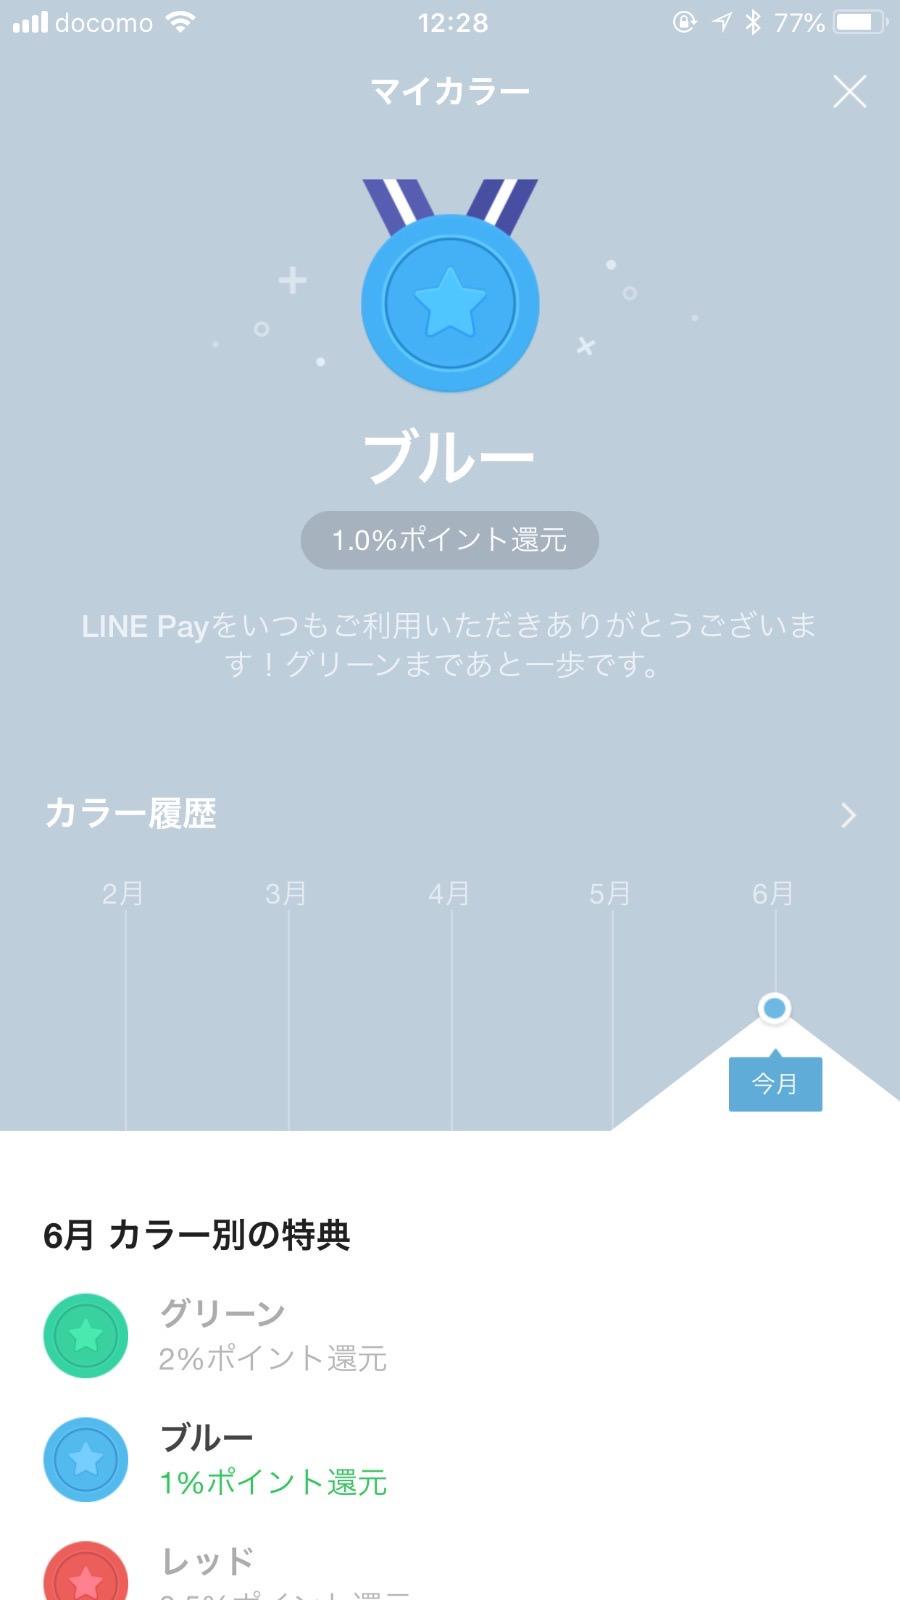 【LINE Pay】「マイカラー」制度をアップグレードしポイント還元率を最大5%に